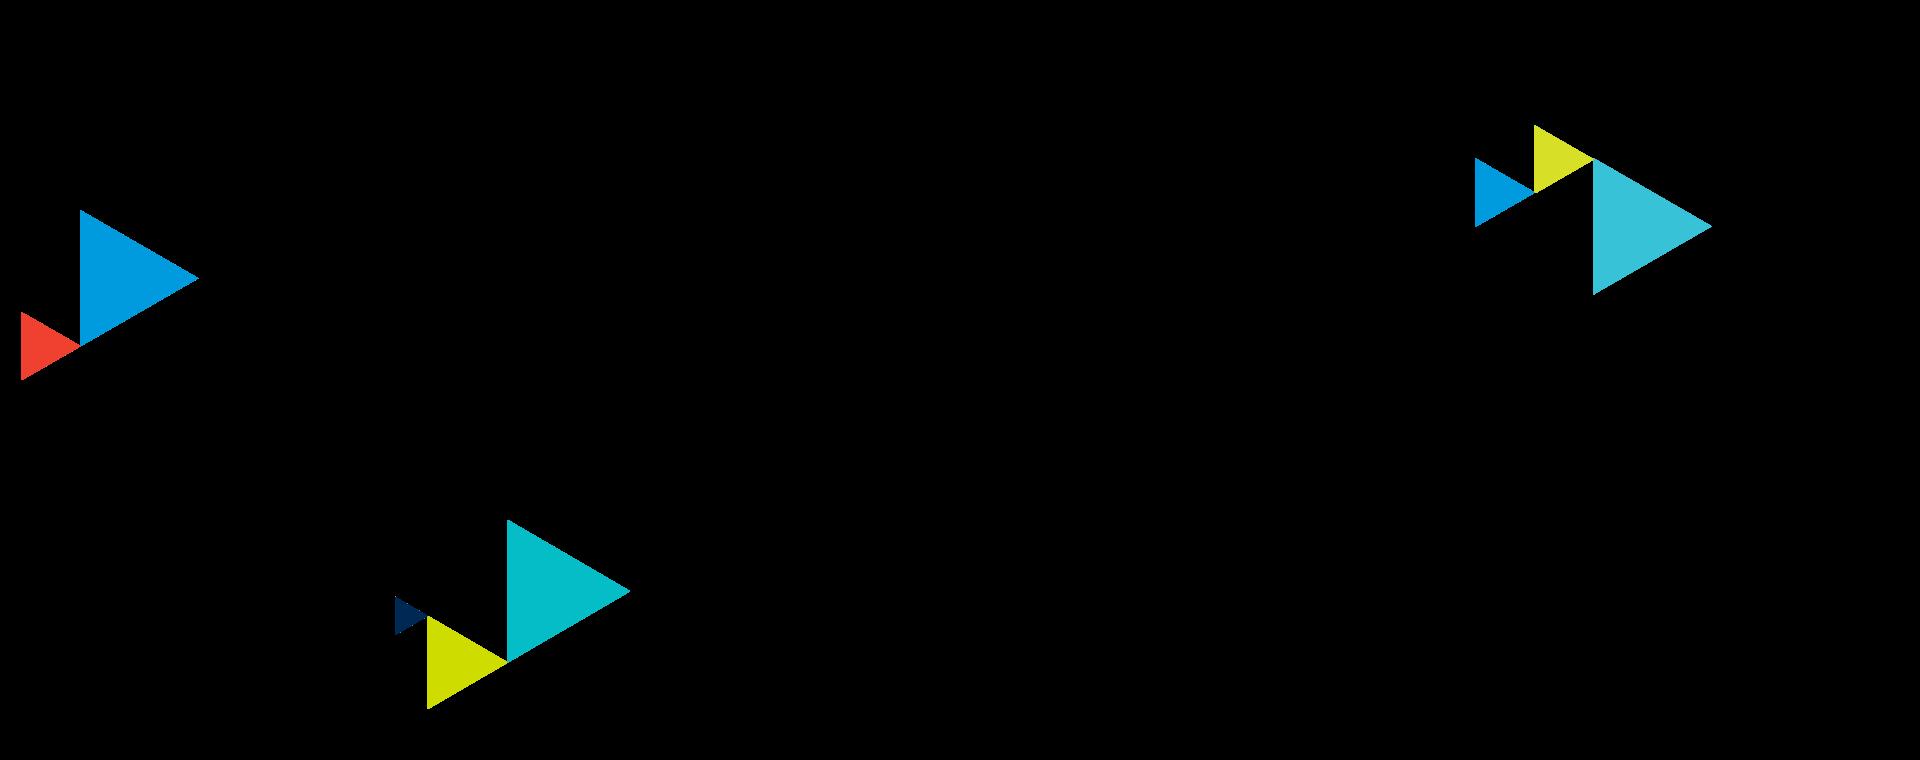 Türk telekom png 6 » PNG Image.